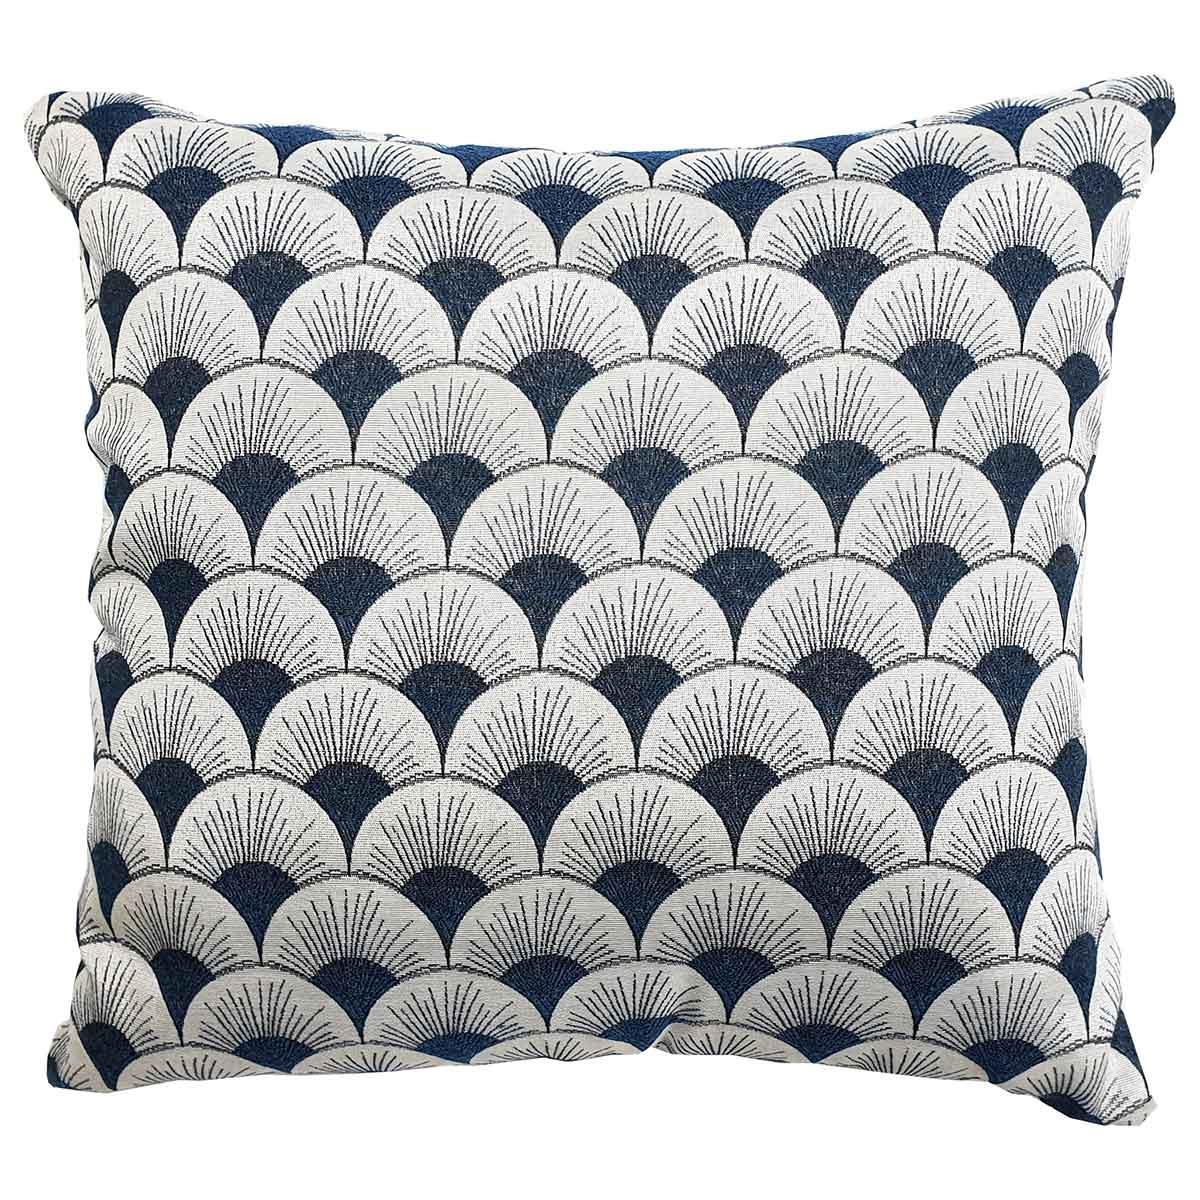 Coussin à motifs géométriques art déco - Bleu - 40 x 40 cm